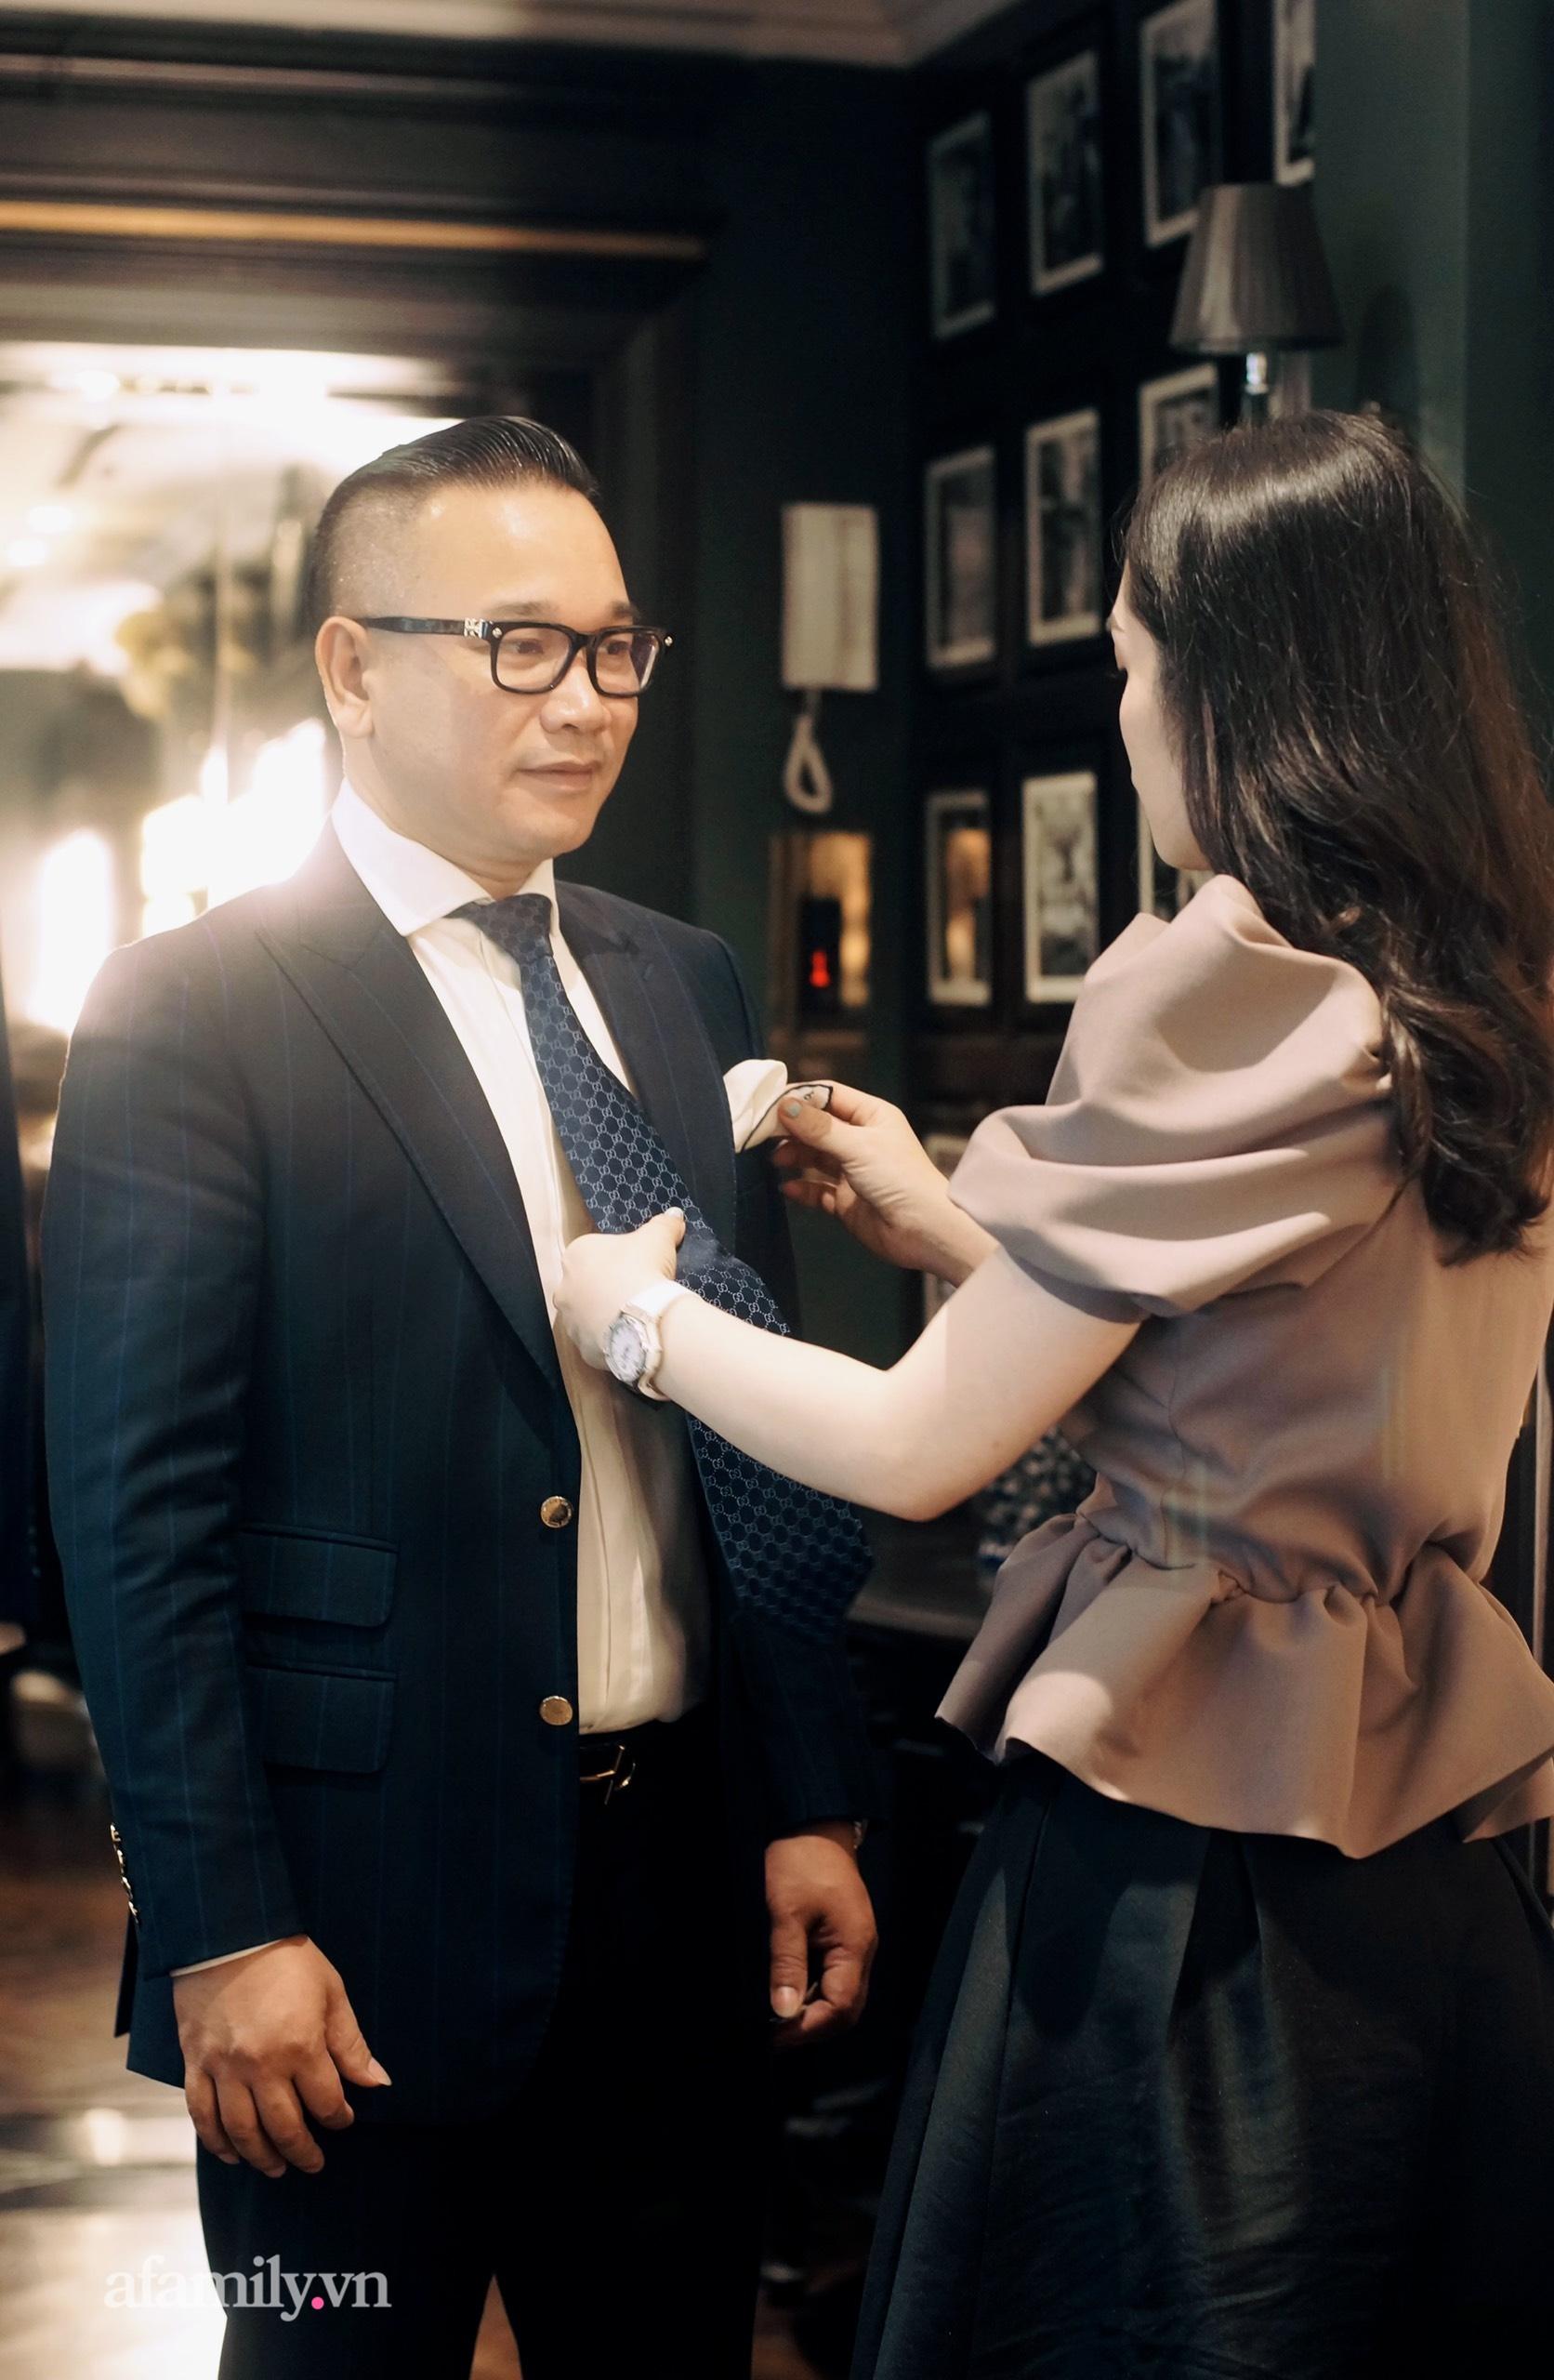 """Phu nhân kín tiếng nhà Chương Tailor tiết lộ áp lực khi làm vợ """"ông trùm"""" thời trang, tiền và phong cách không thiếu nhưng làm sao tạo ra bản ngã của riêng mình!? - Ảnh 4."""